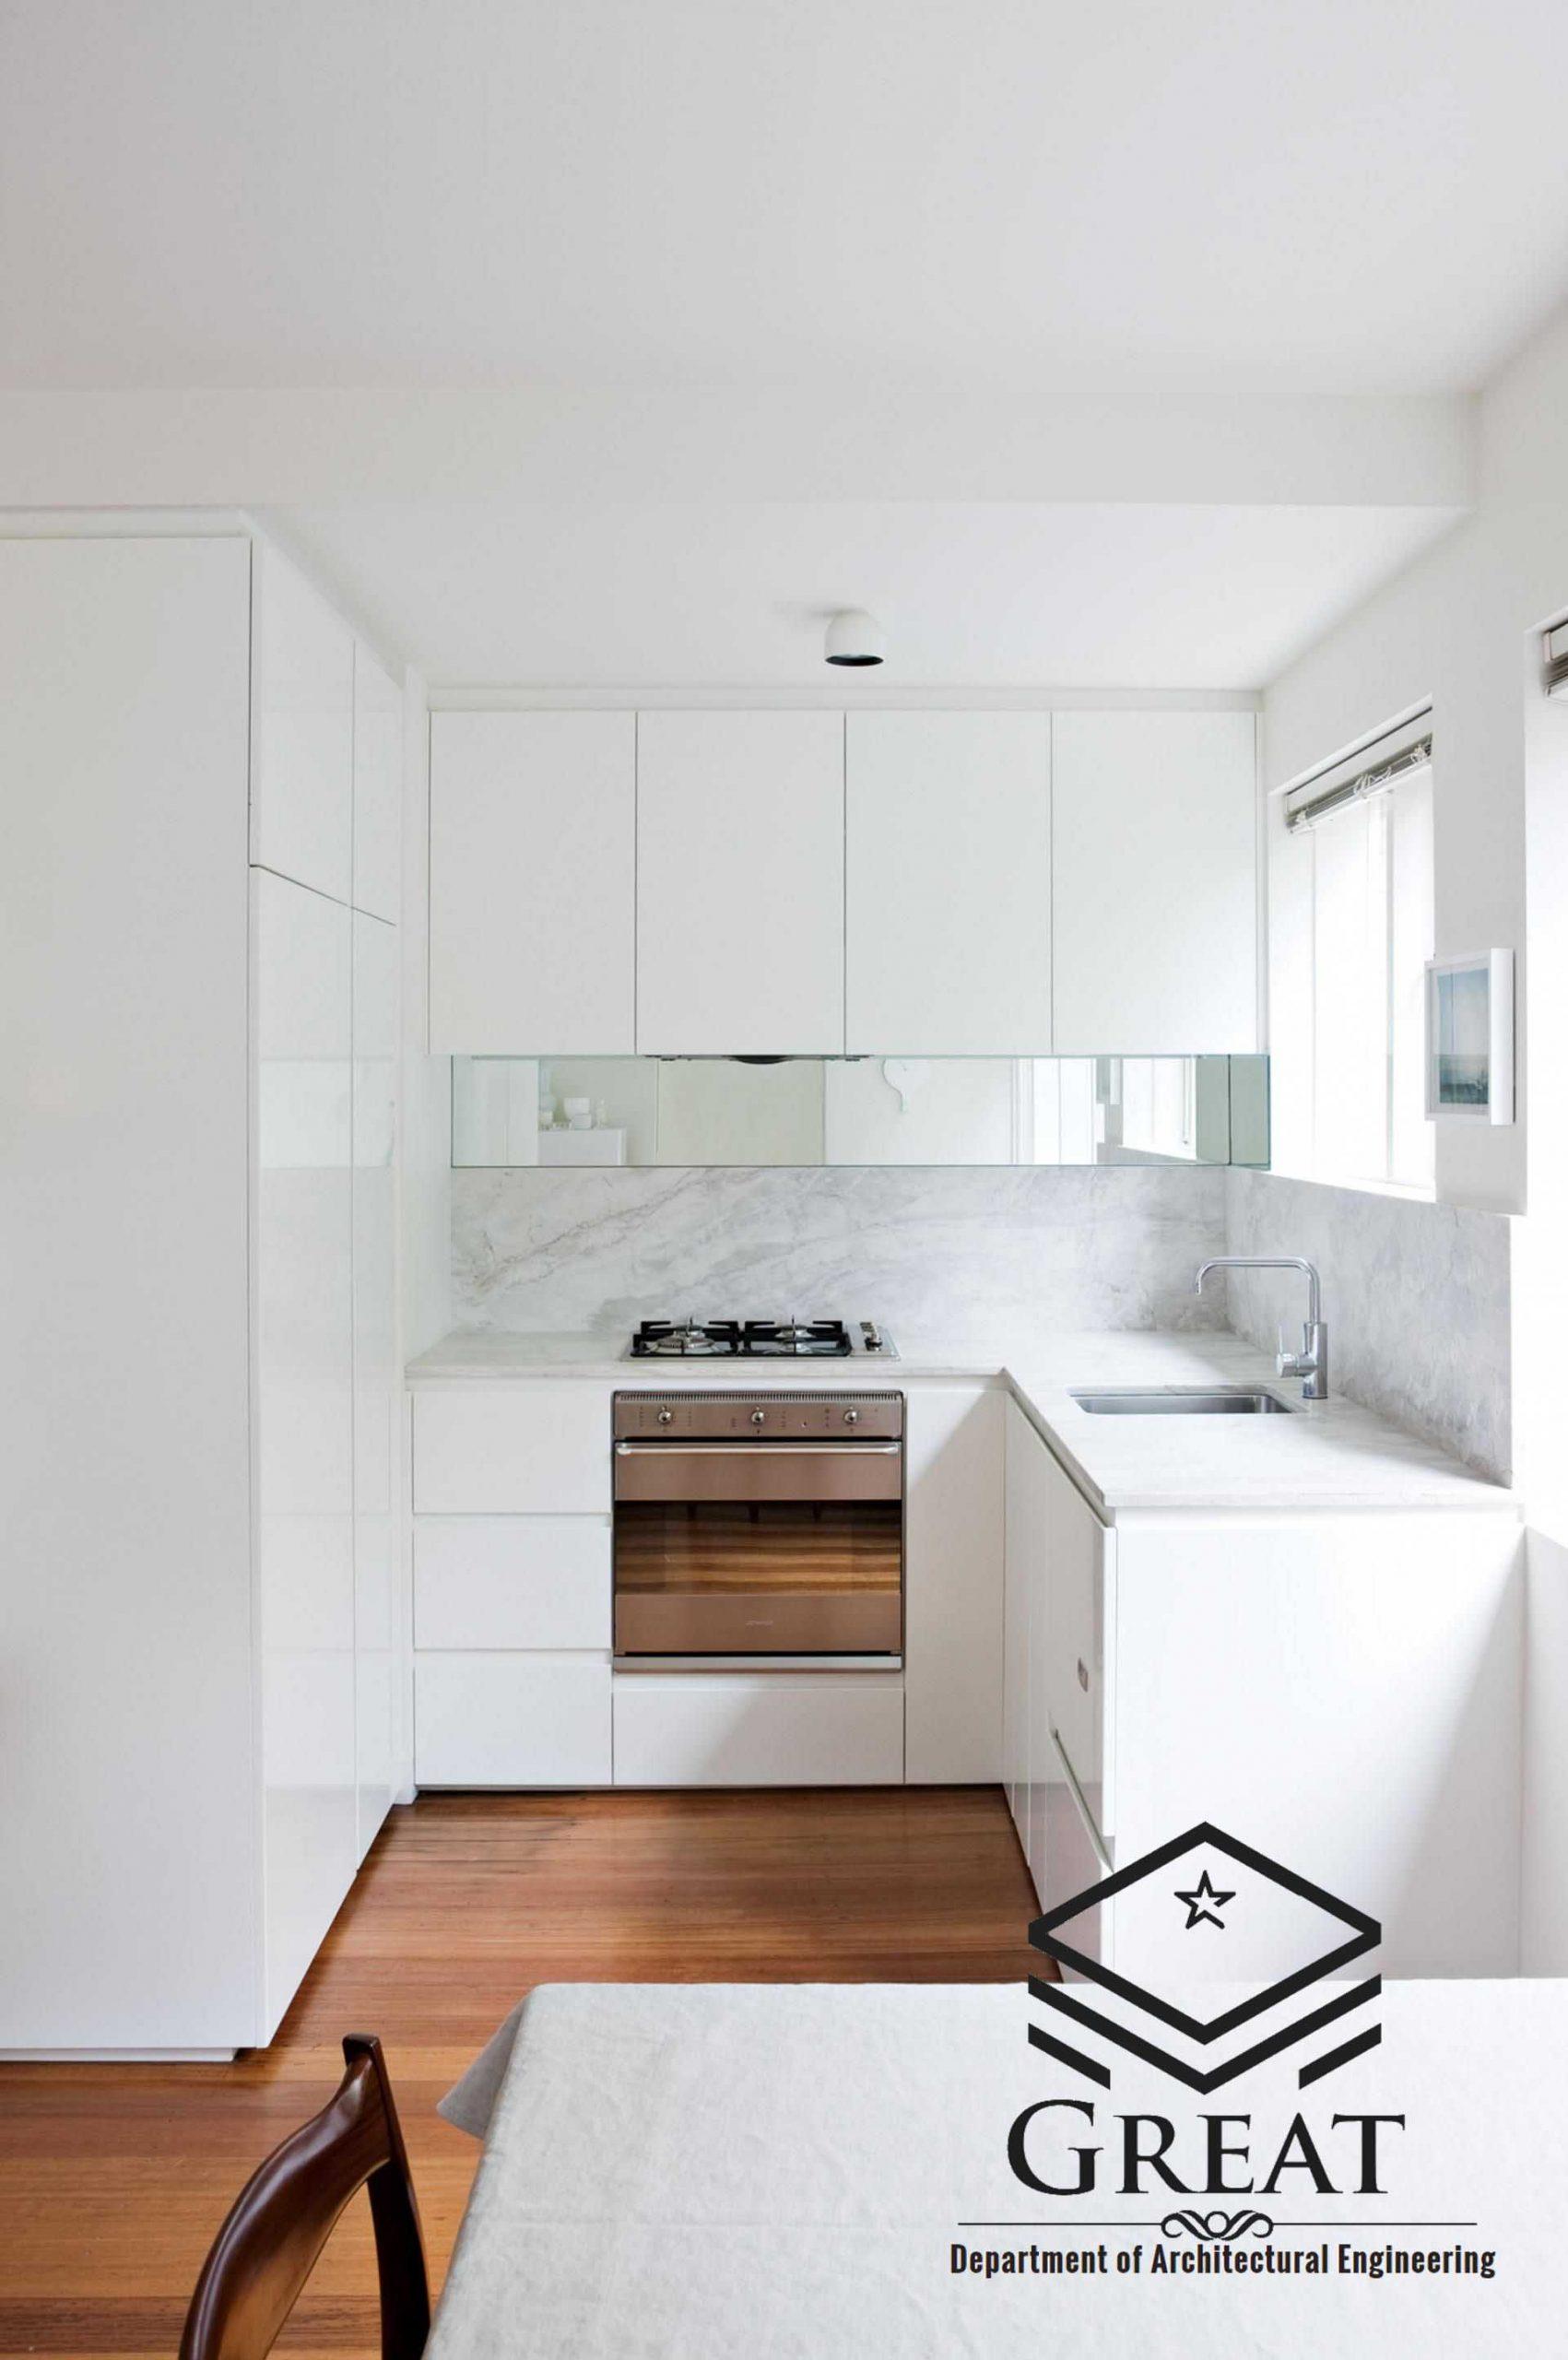 کابینت سفید برای آشپزخانه های کوچک تصویر دوم